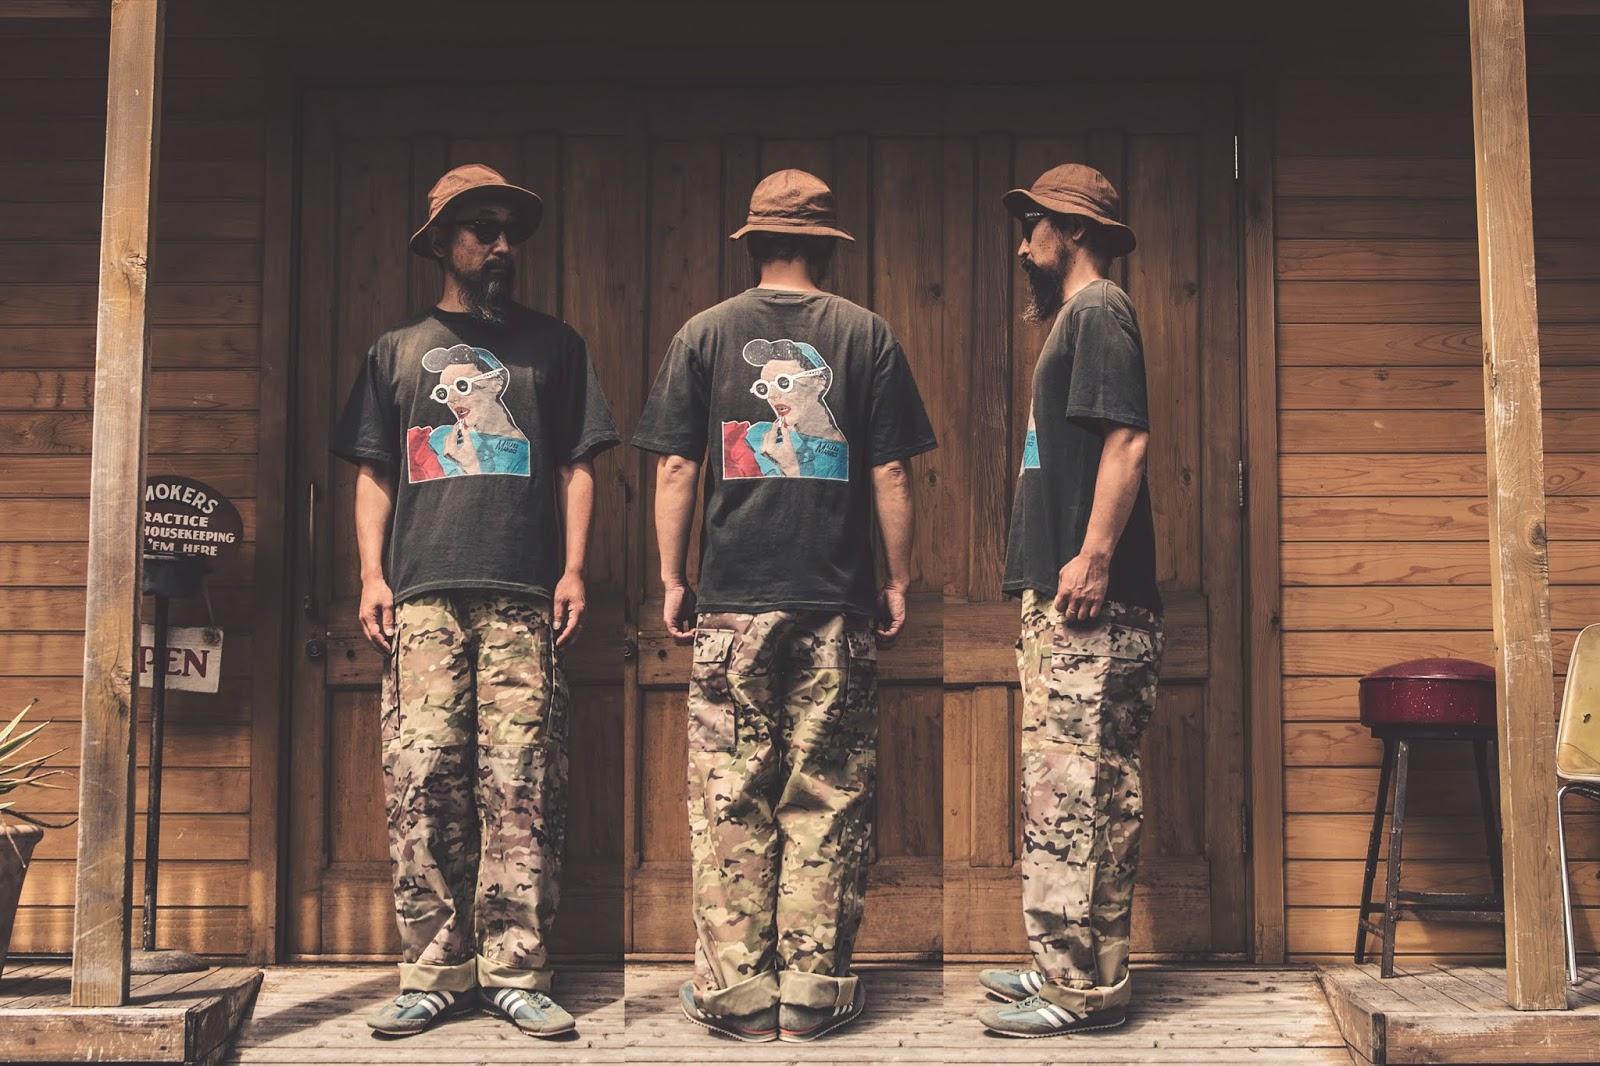 JACKSON MATISSE ジャクソンマティスJIMMY'Z ジミーズ  ジミージー Tシャツ クリスチャン ホソイ コーディネート 通販